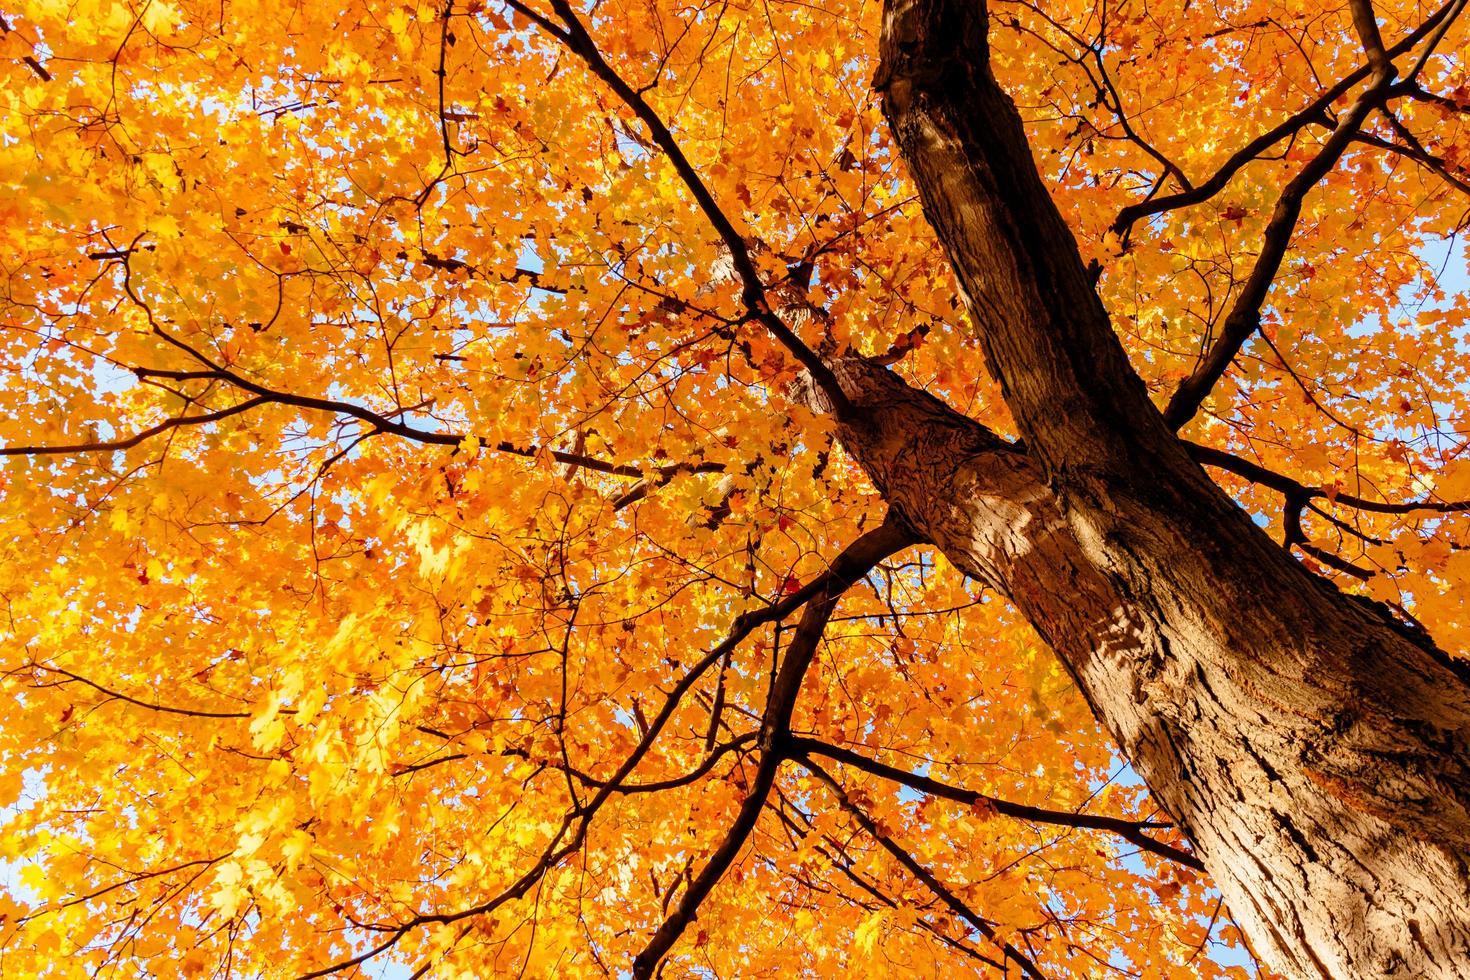 gelbe Blätter und Zweige im Herbst foto